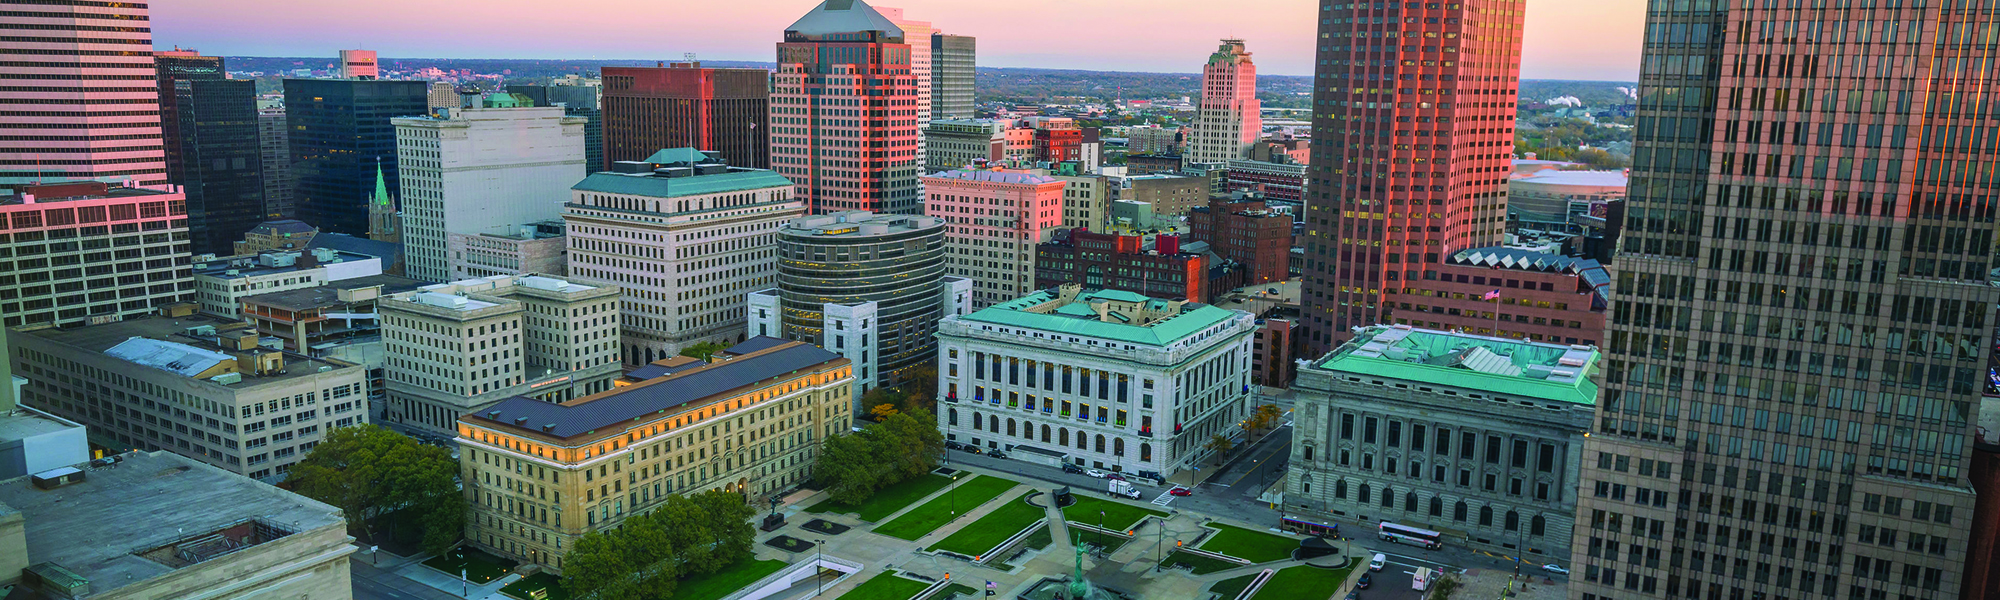 Cleveland, Ohio.jpg